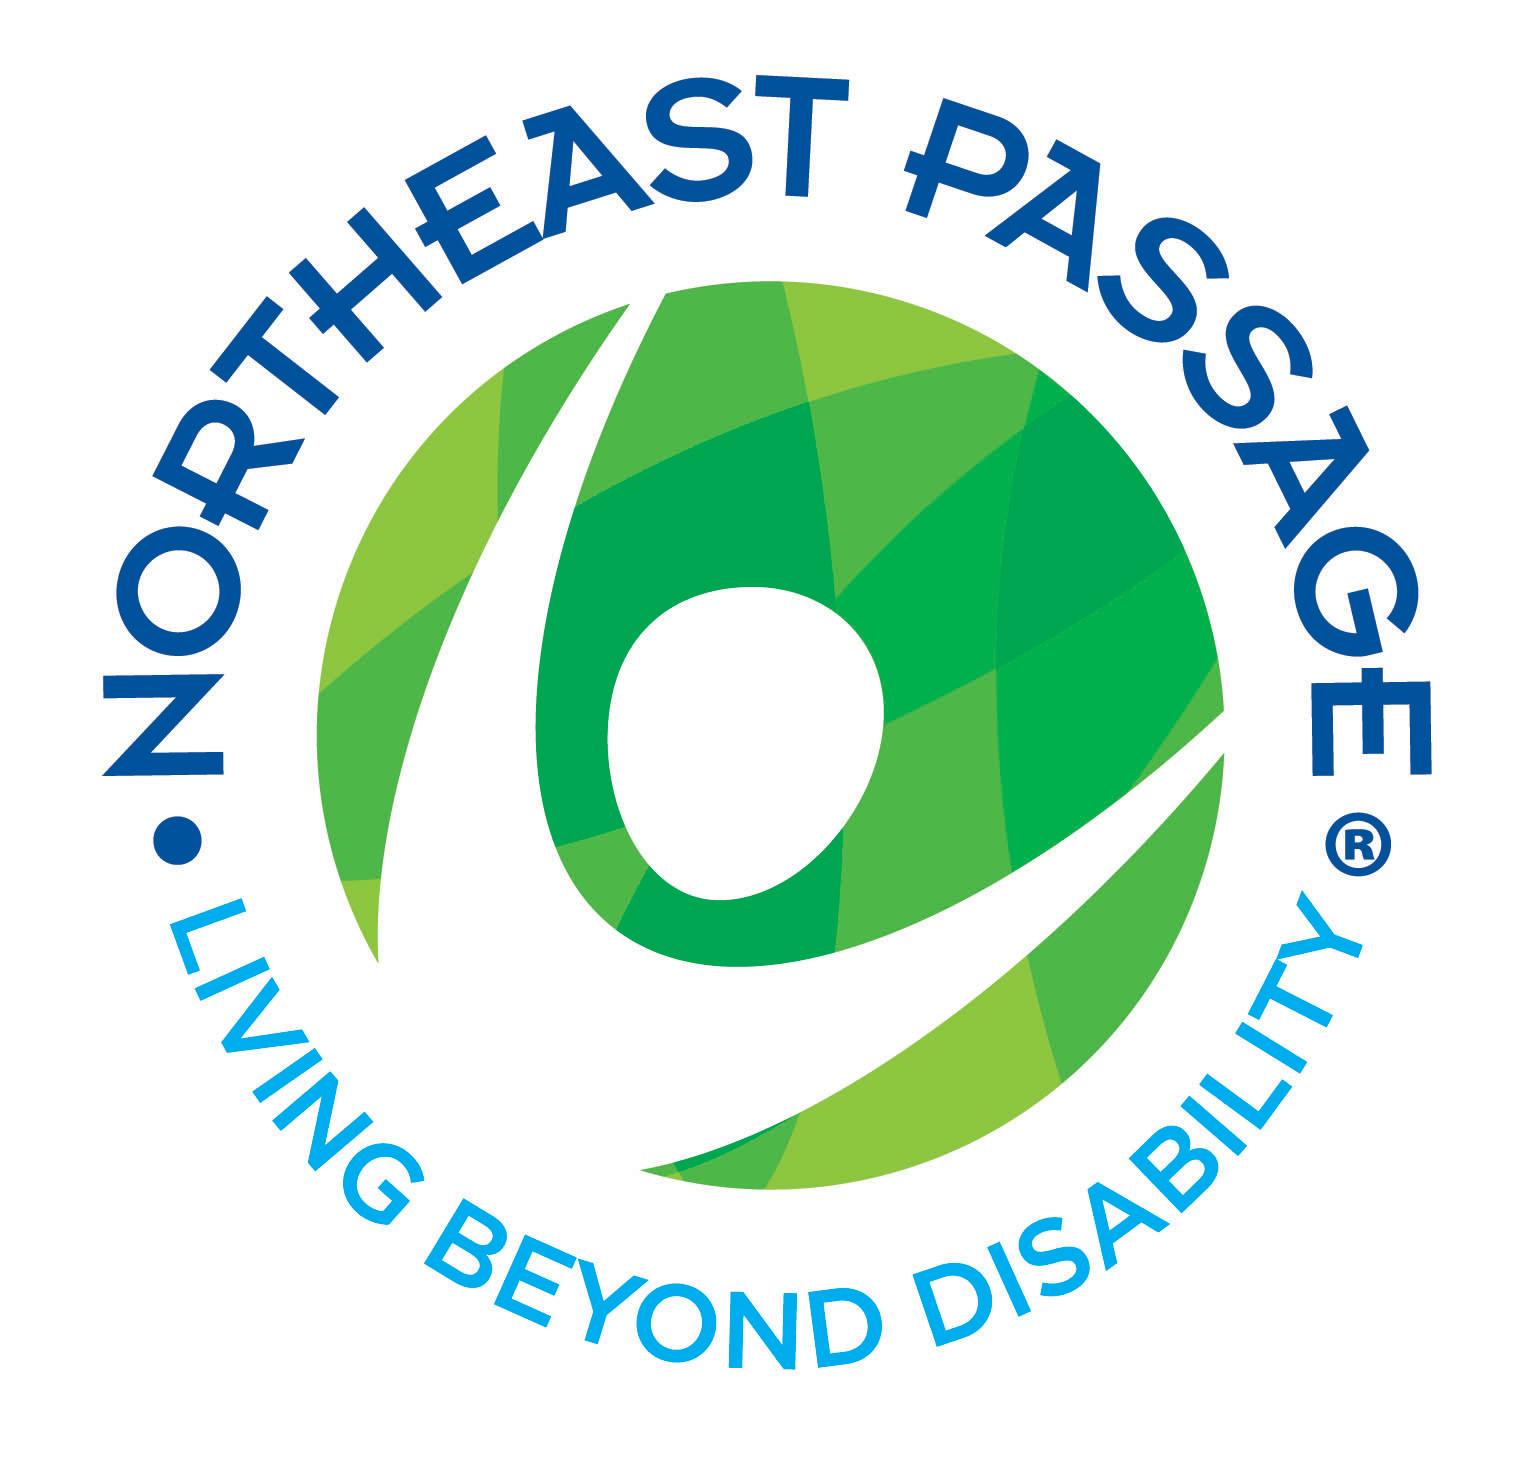 MSTR_NEP Circle Logo